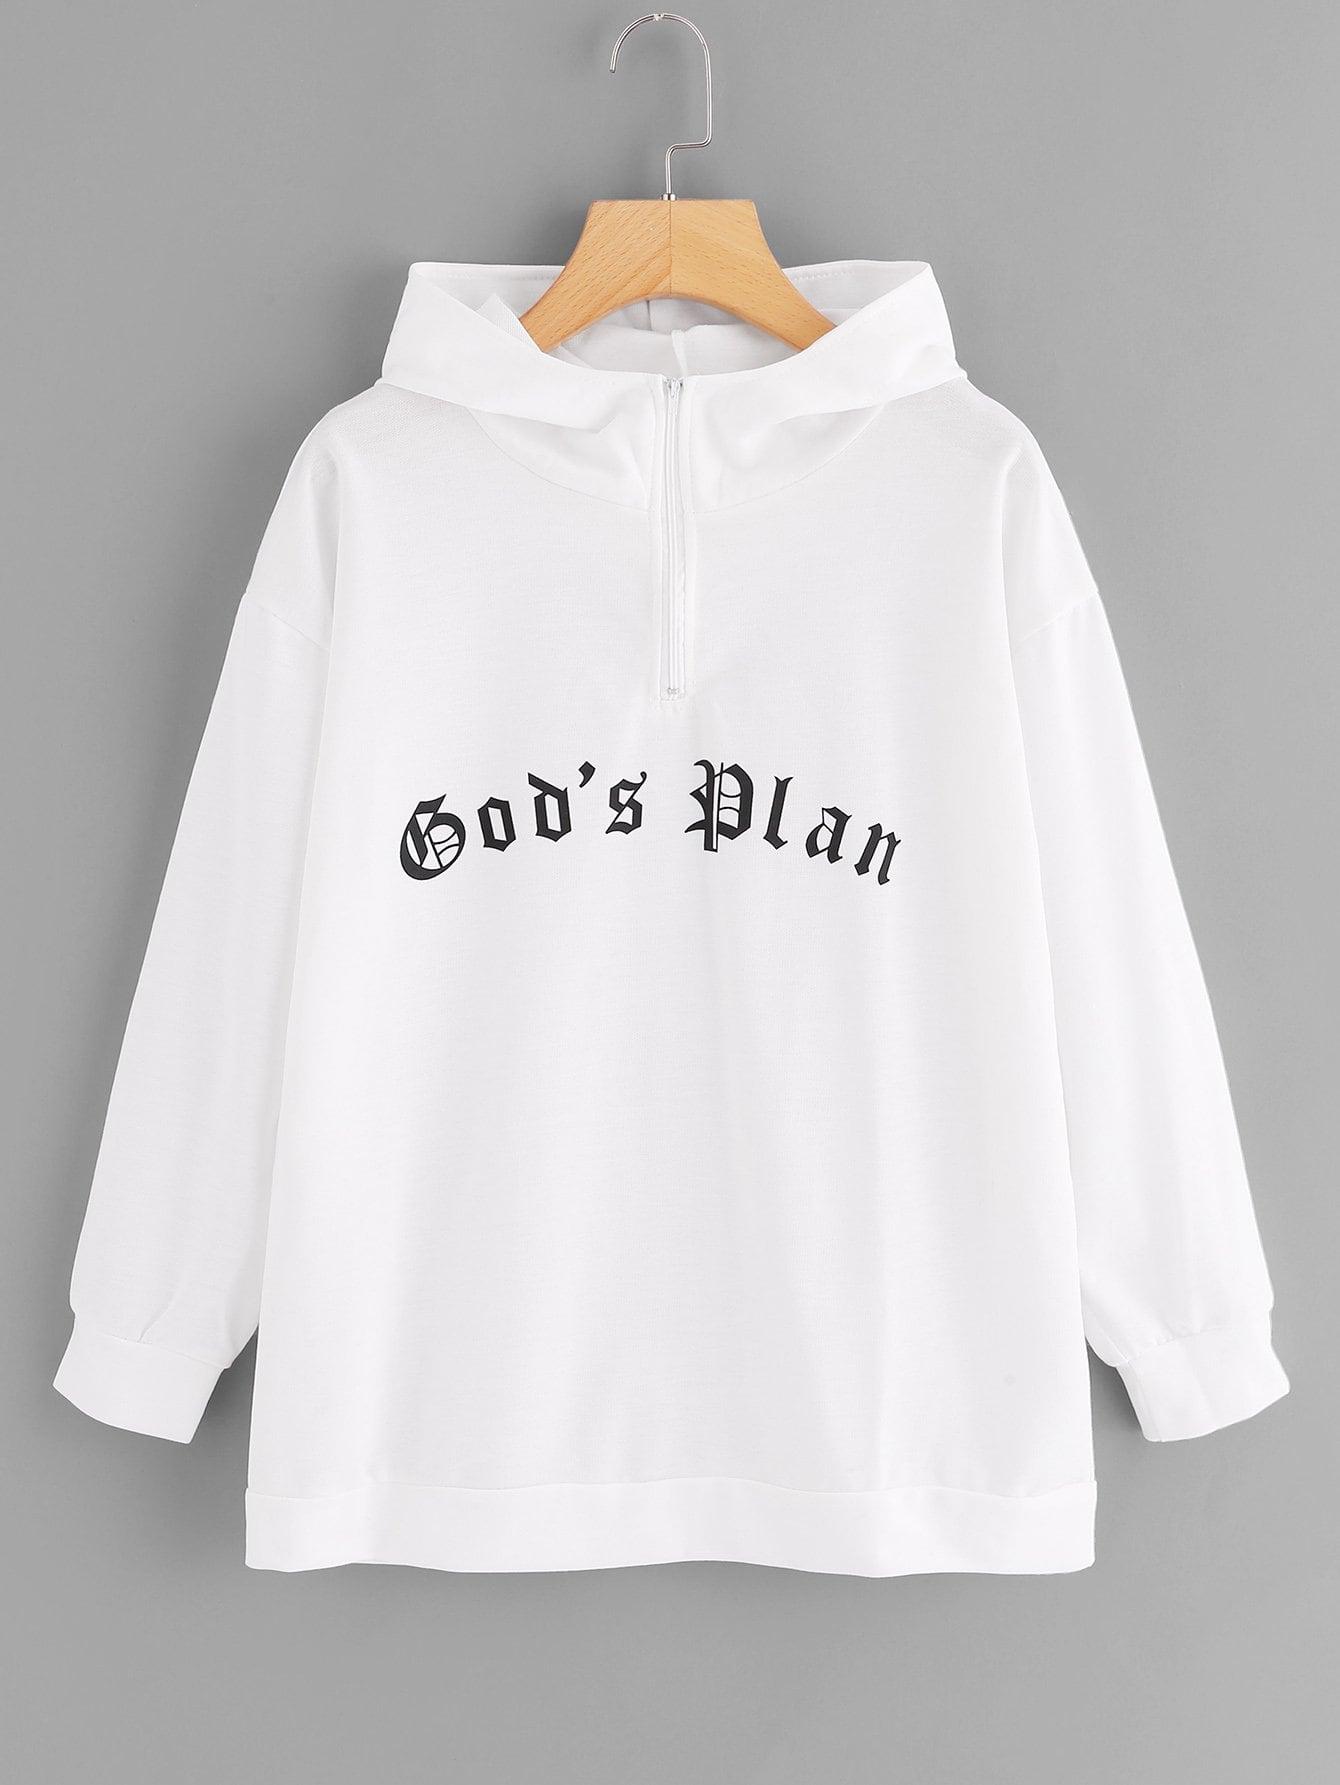 Купить Повседневный Текст на молнии Пуловеры Белый Свитшоты, null, SheIn